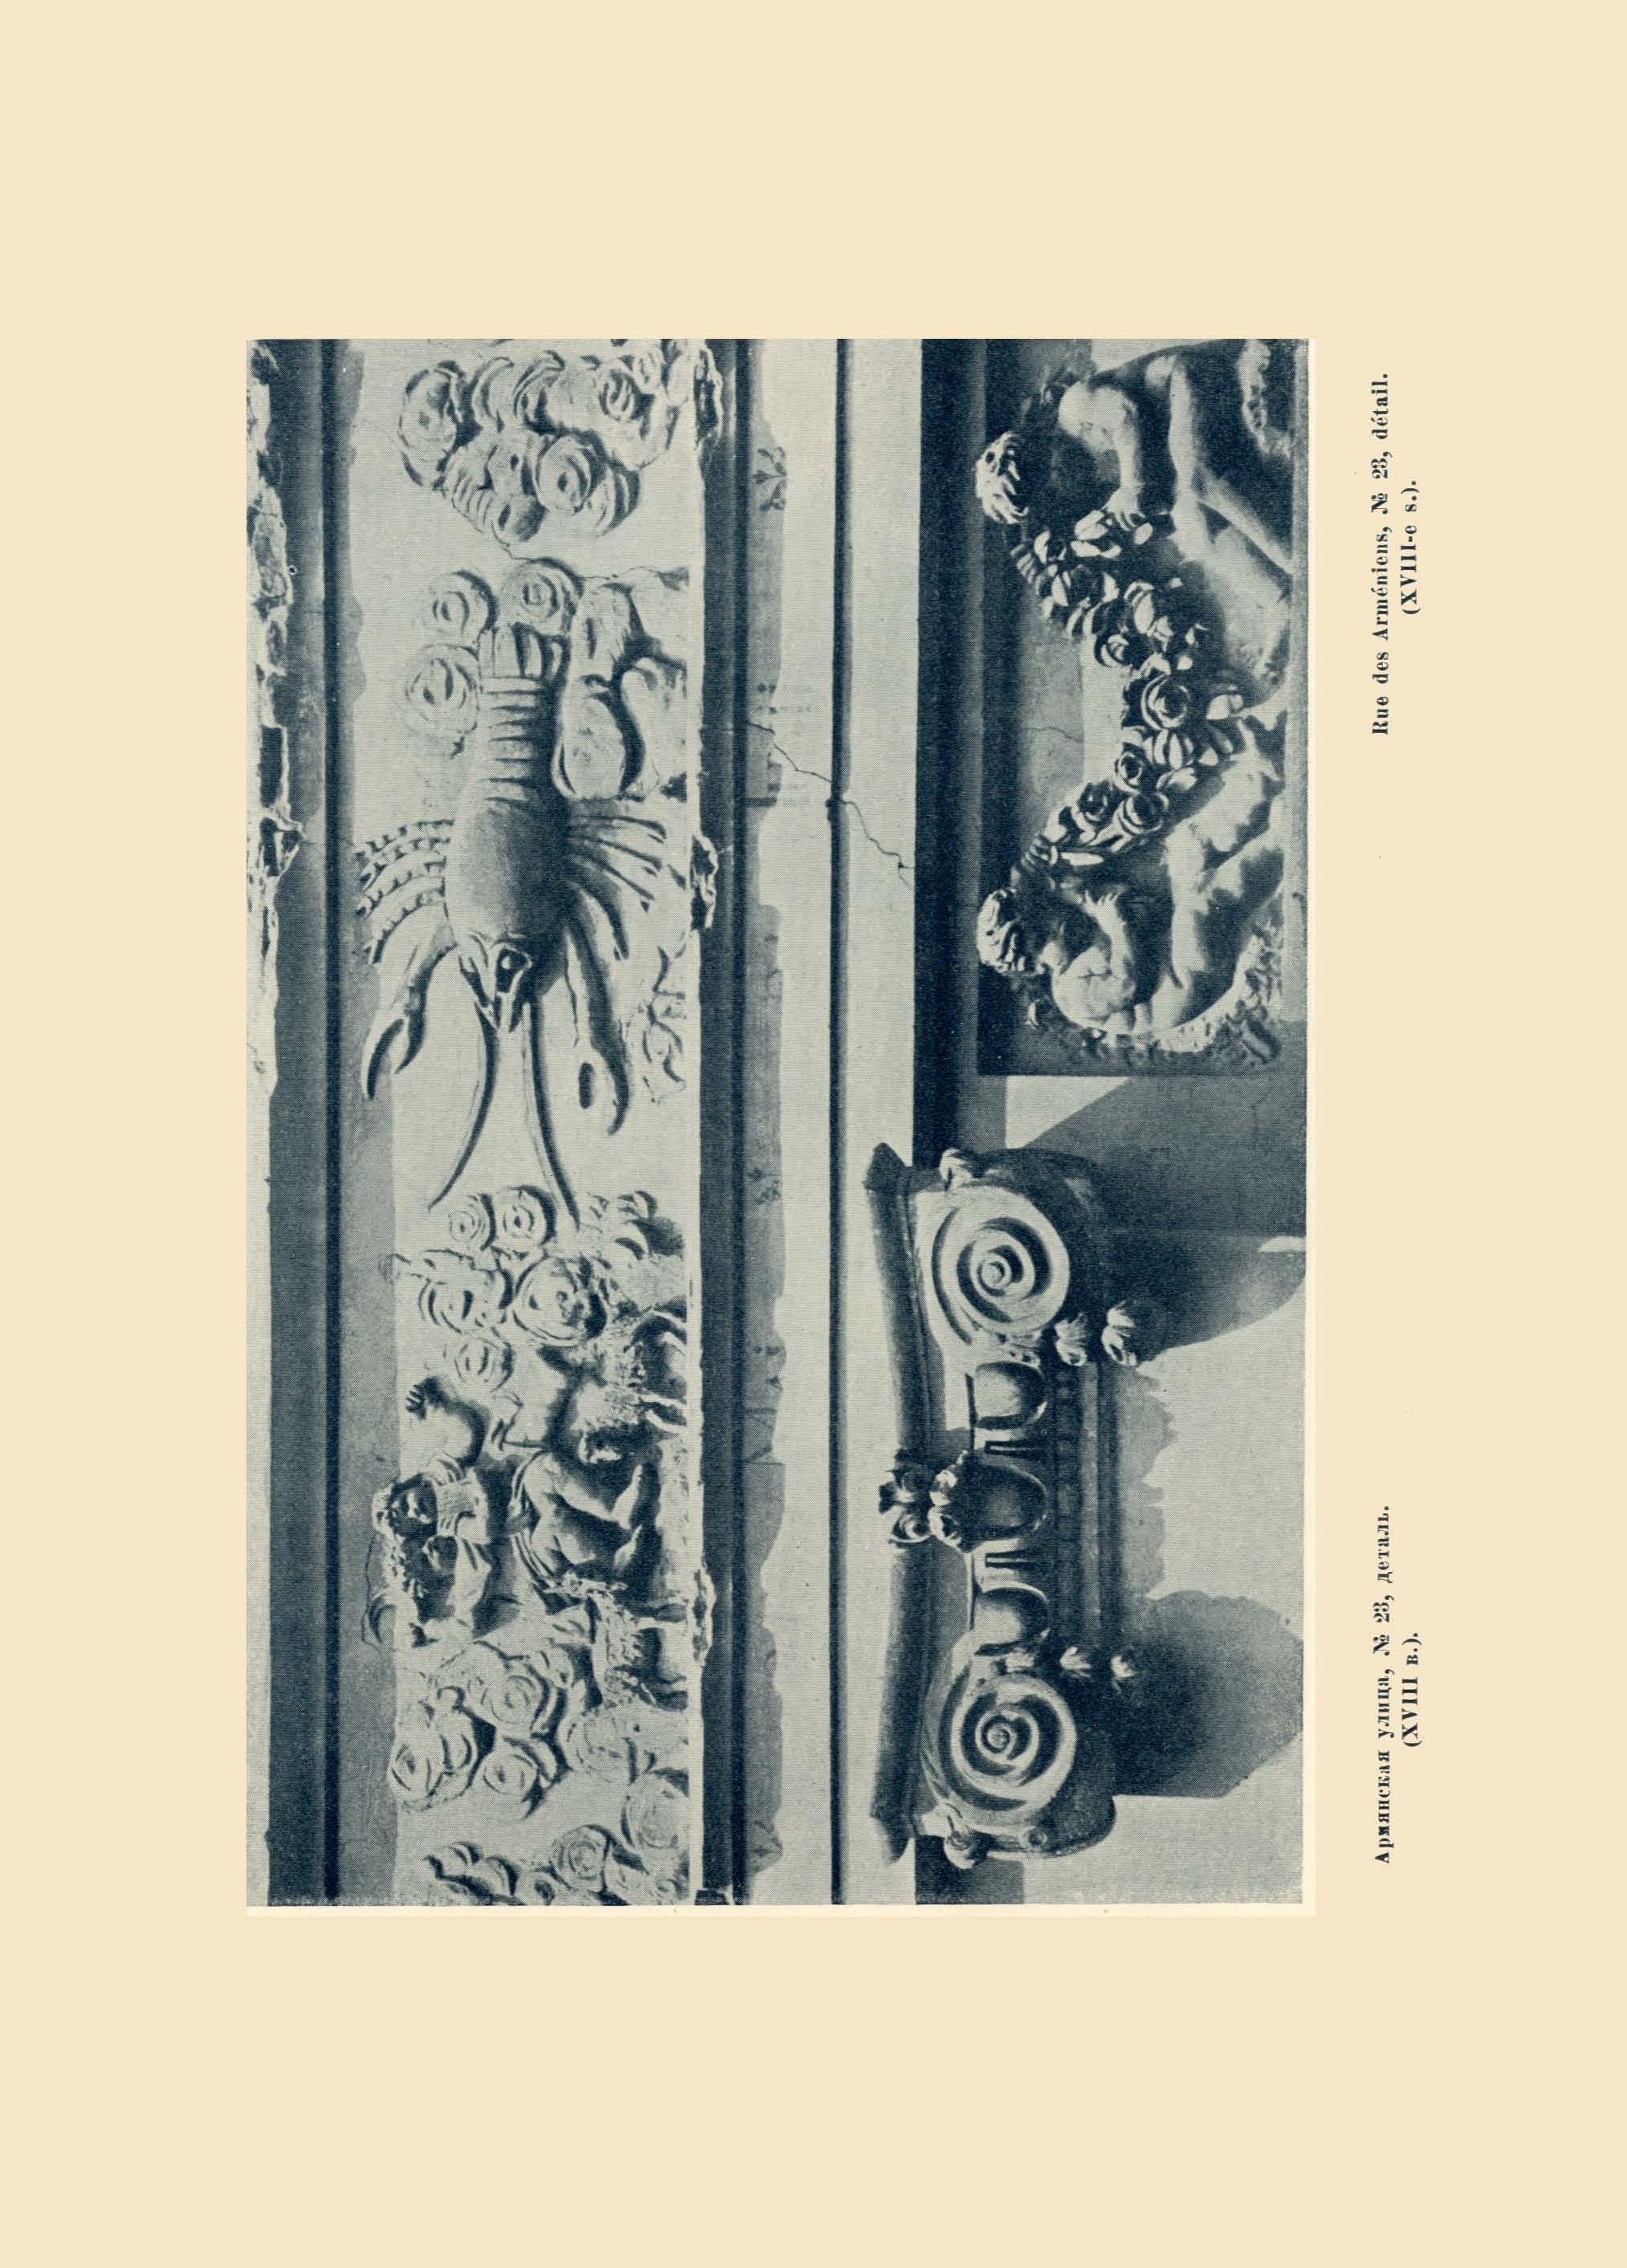 Альбом старого Львова. Верещагин В. 1917_73